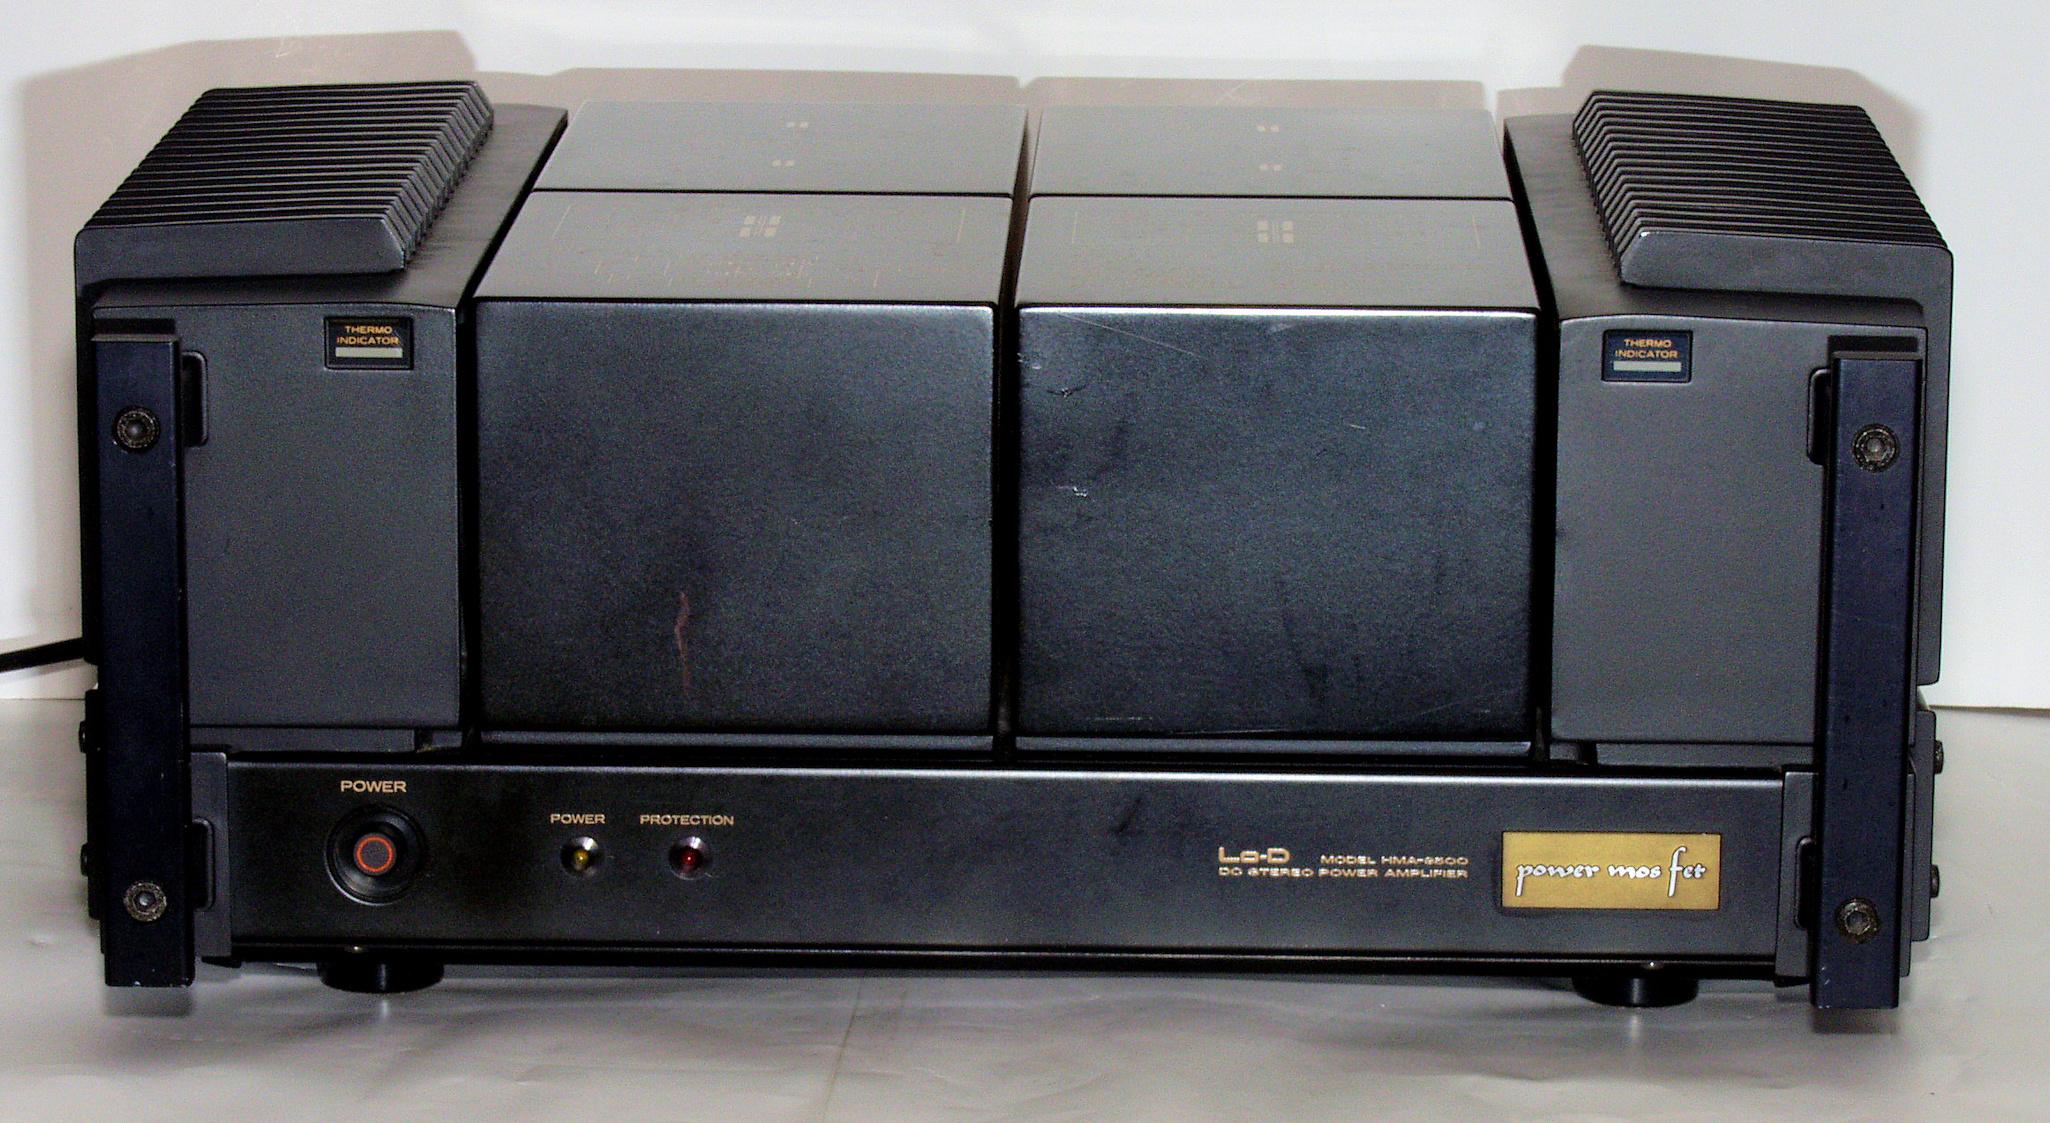 Armas de Arremesso 9500m-s1